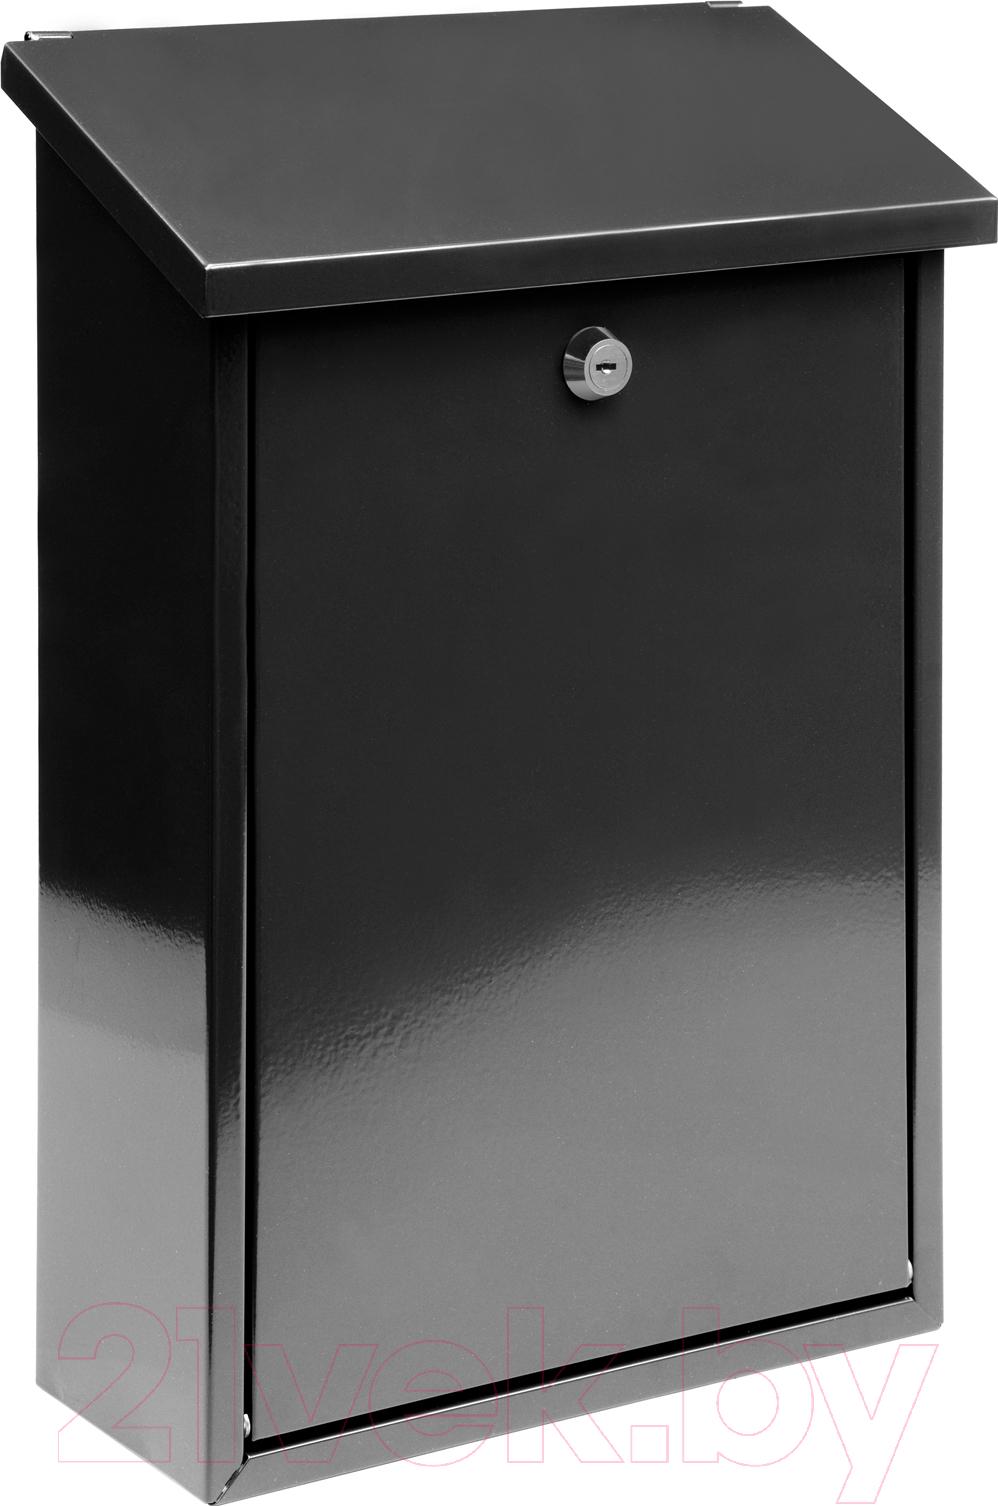 Купить Почтовый ящик Vorel, 78570, Польша, черный, сталь